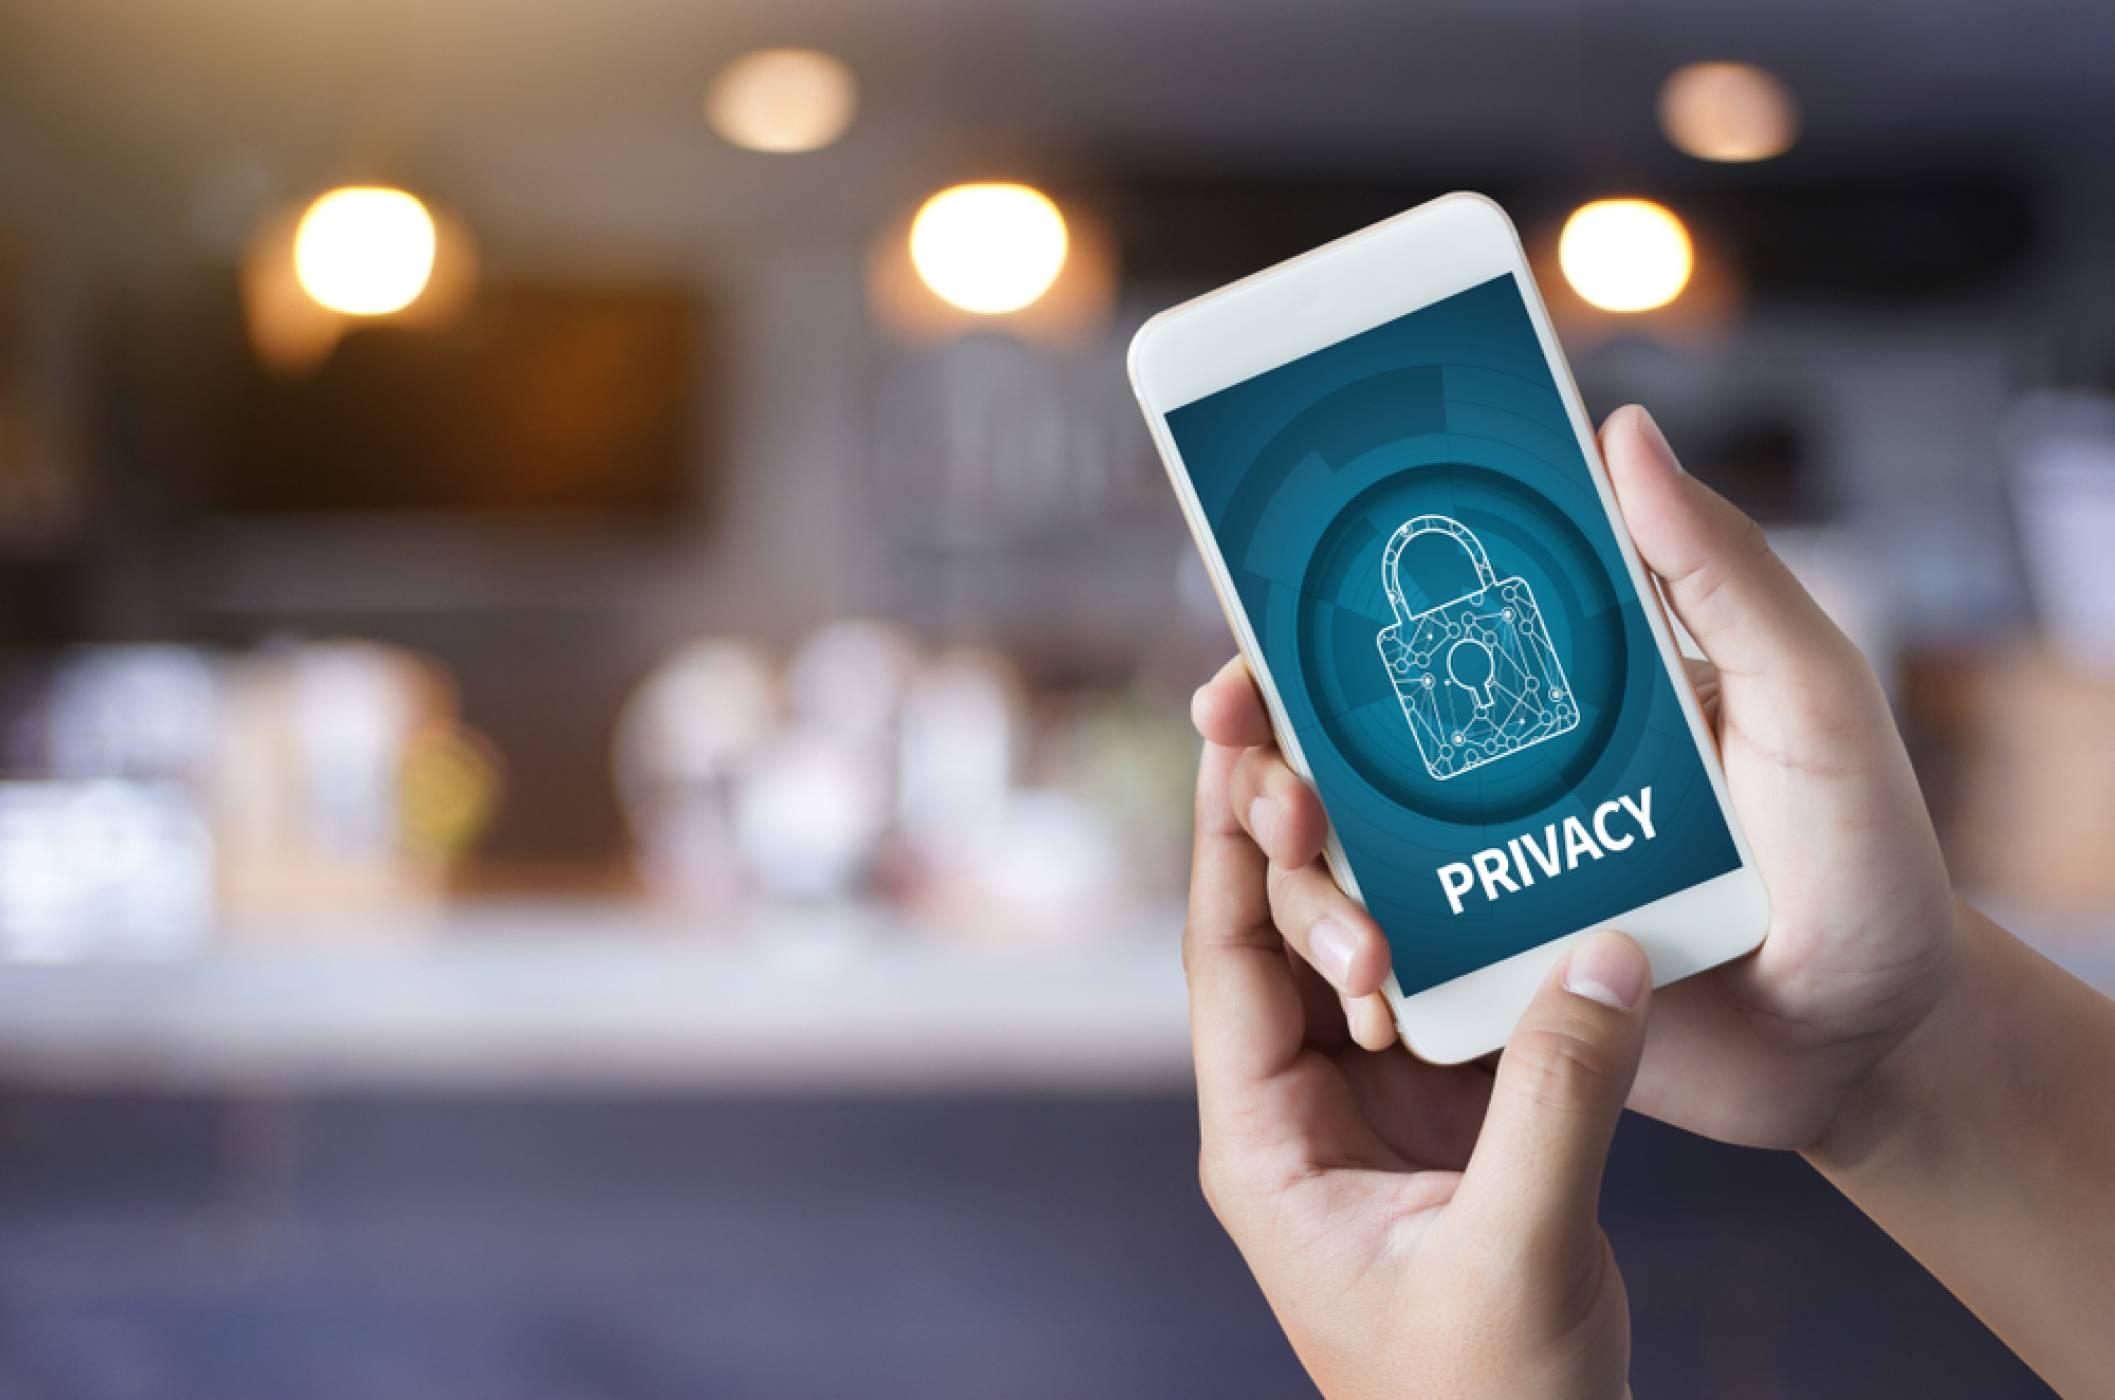 Вашите мобилни приложения споделят личната ви информация? Забранете им!